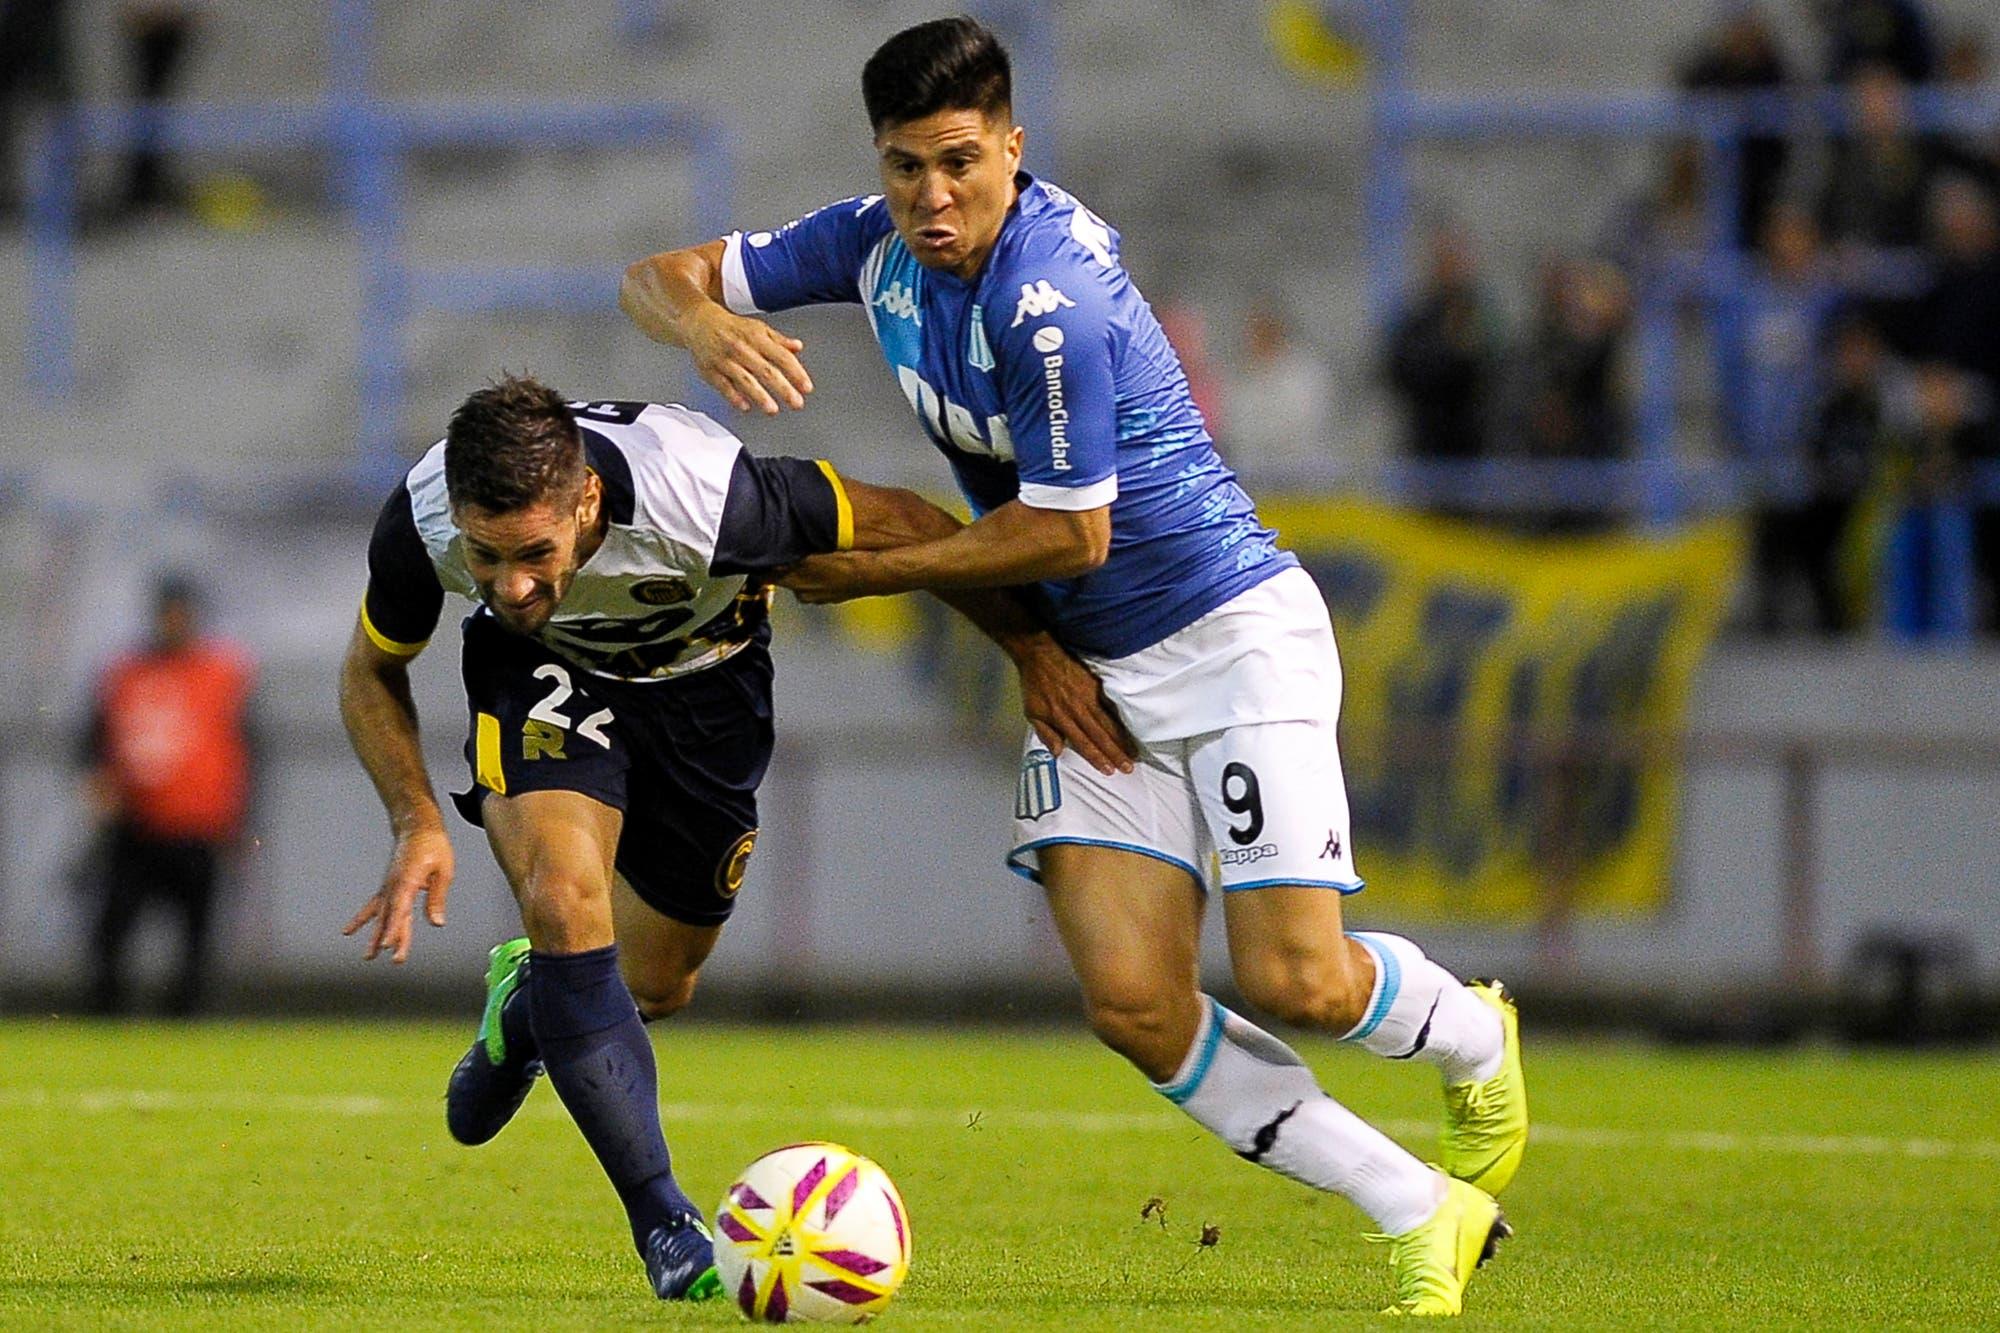 Otra imagen: Racing mejoró y derrotó a Rosario Central antes de reiniciar la Superliga